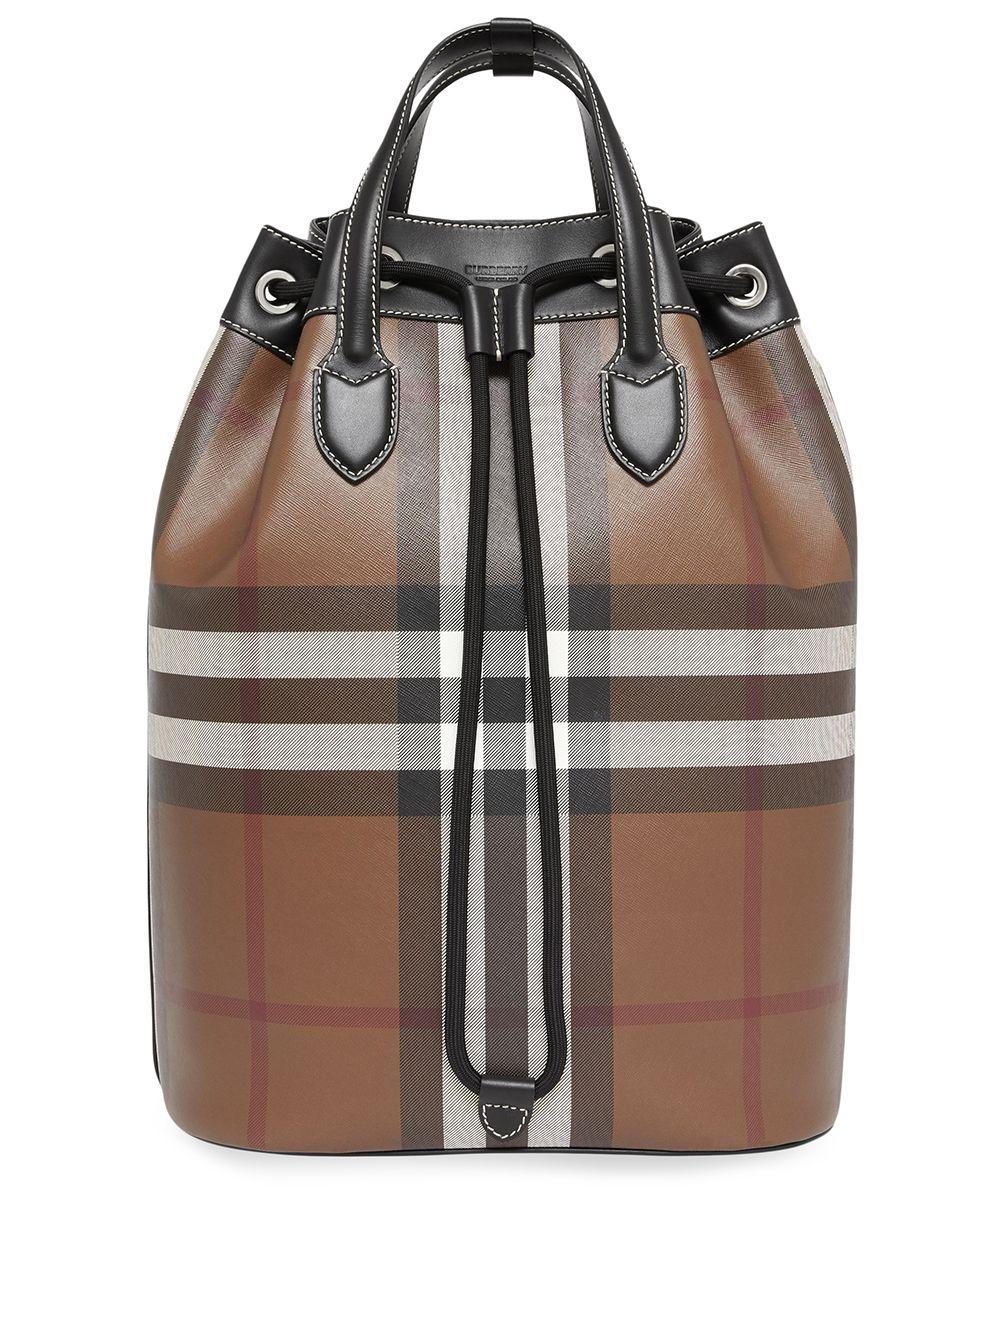 Bolso tipo saco de Burberry / Foto: Burberry